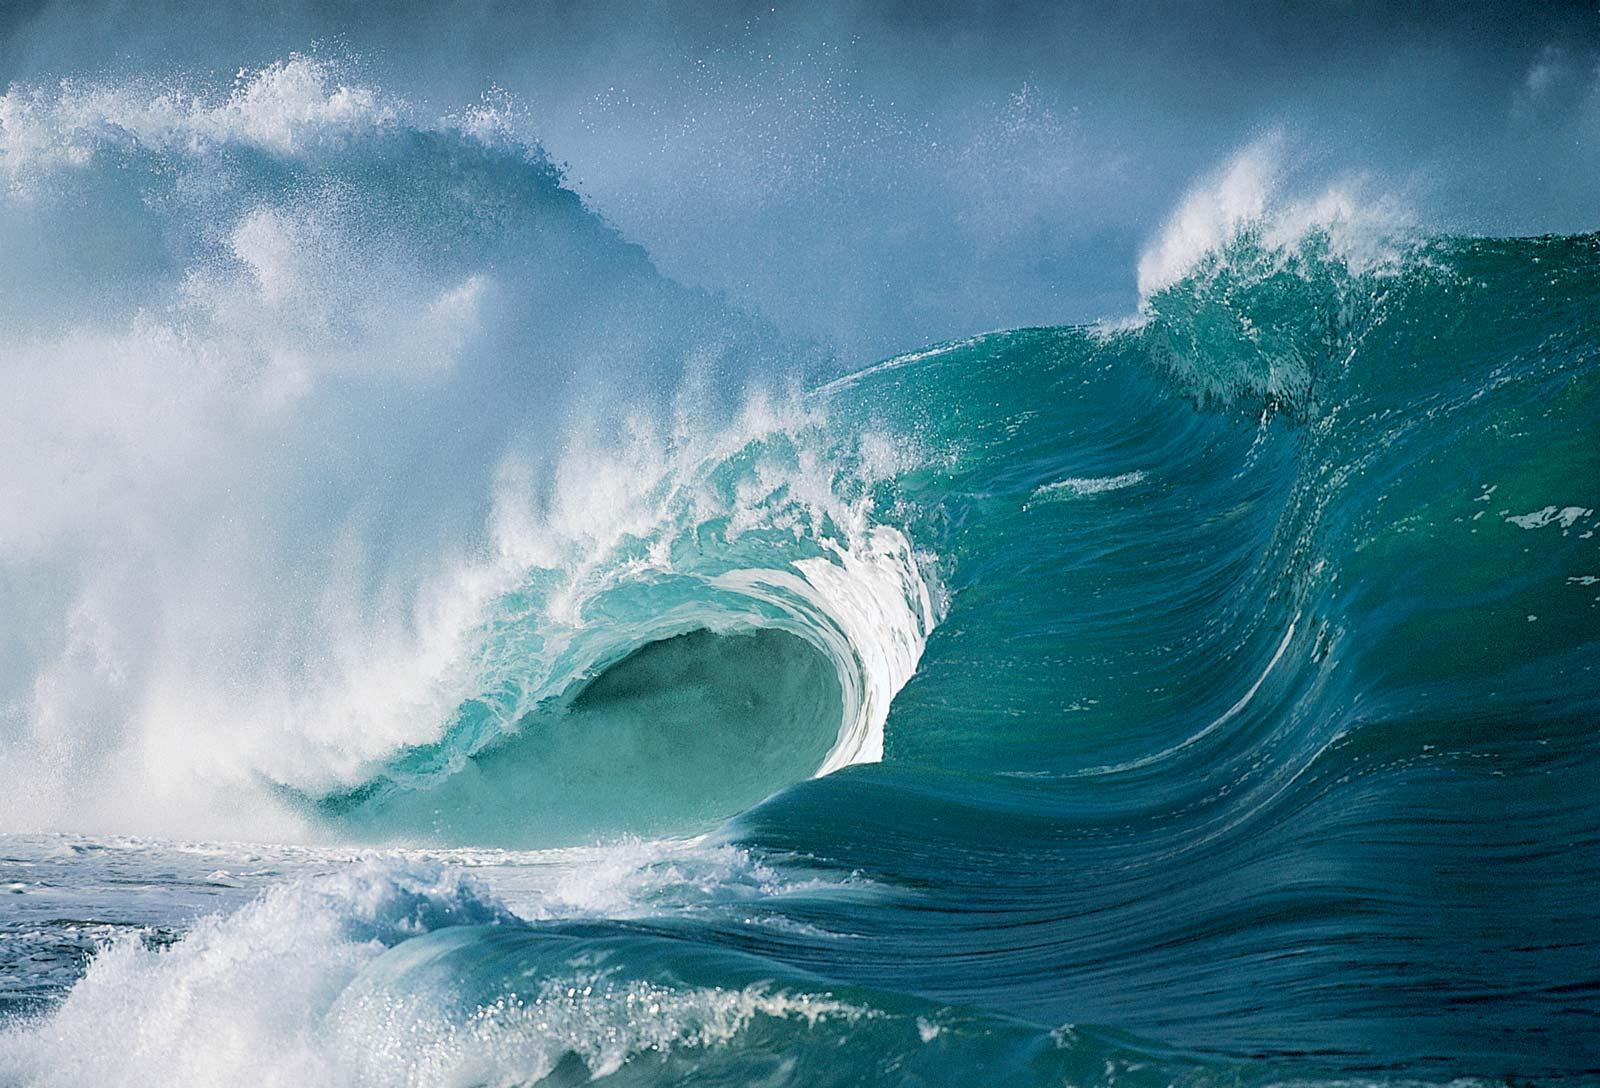 Τα εκπληκτικά οφέλη του θαλασσινού νερού για την υγεία